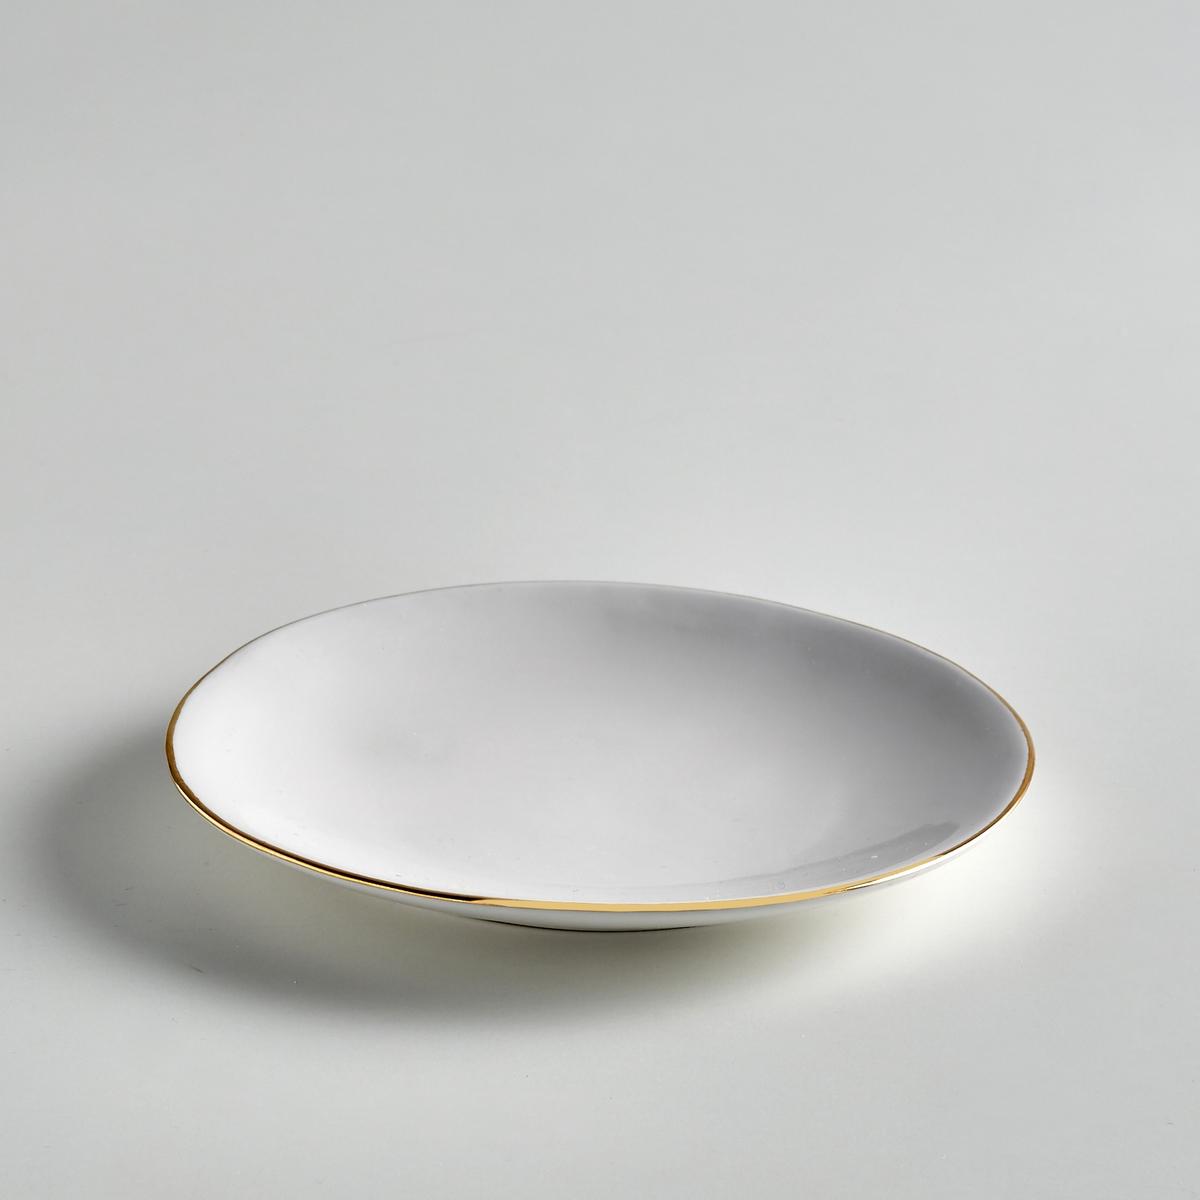 4 тарелки десертные из фаянса, Catalpa4 тарелки десертные Catalpa . Элегантная и неподвластная времени посуда из фаянса, покрытого белой глазурью, с тонкой каймой золотистого цвета. Органичная форма и неравномерные контуры придают этим тарелкам нотку оригинальности . Сделано в Португалии. - Размеры : ?21 x Выс 2,5 см . - Подходят для мытья в посудомоечной машине.<br><br>Цвет: золотисто-белый